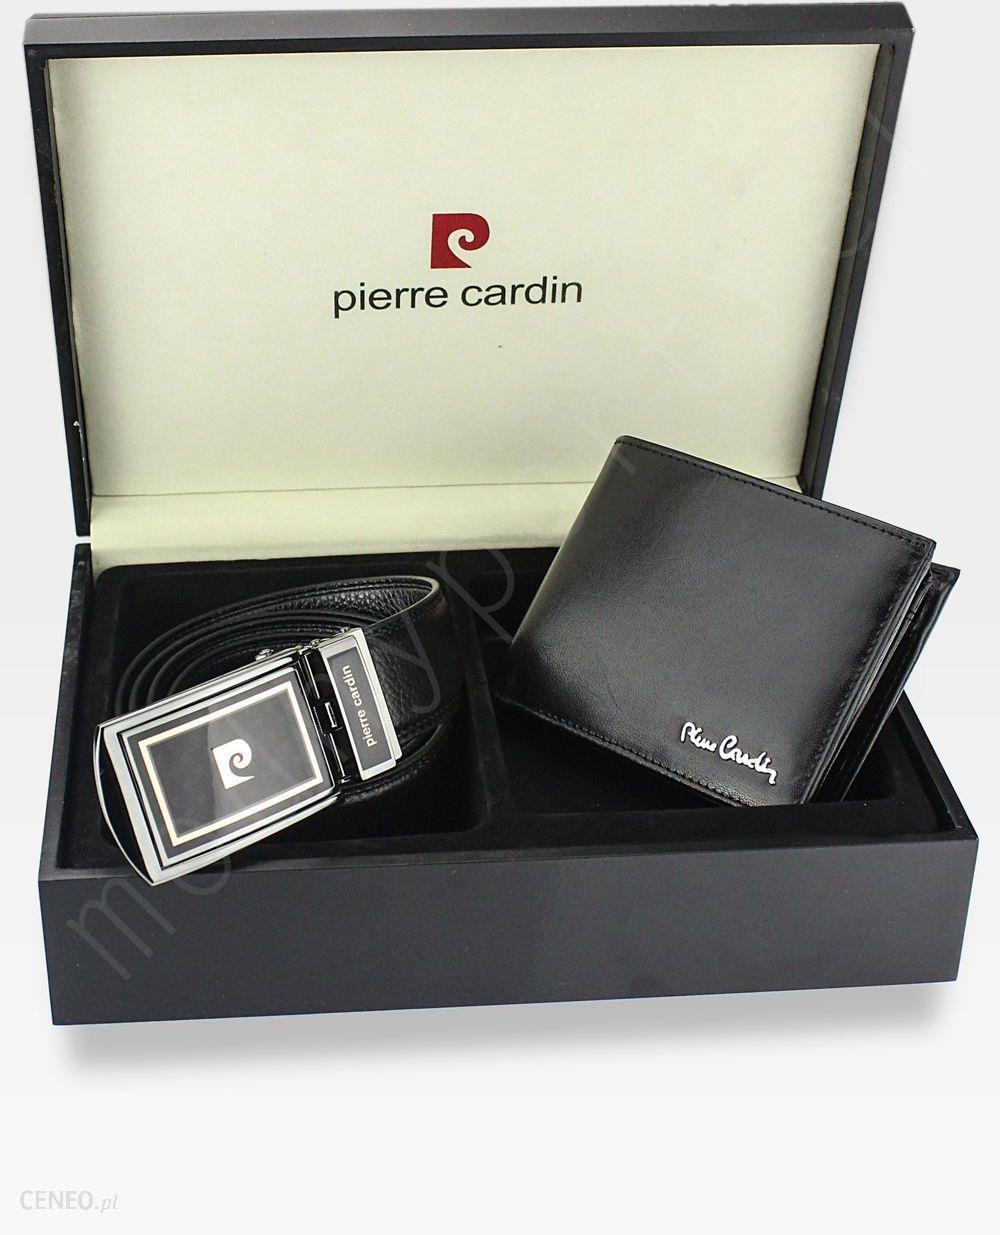 a3fa8209d38e7 Zestaw Prezentowy Pierre Cardin Pasek i Portfel w drewnianym pudełku na  prezent 8806 - zdjęcie 1